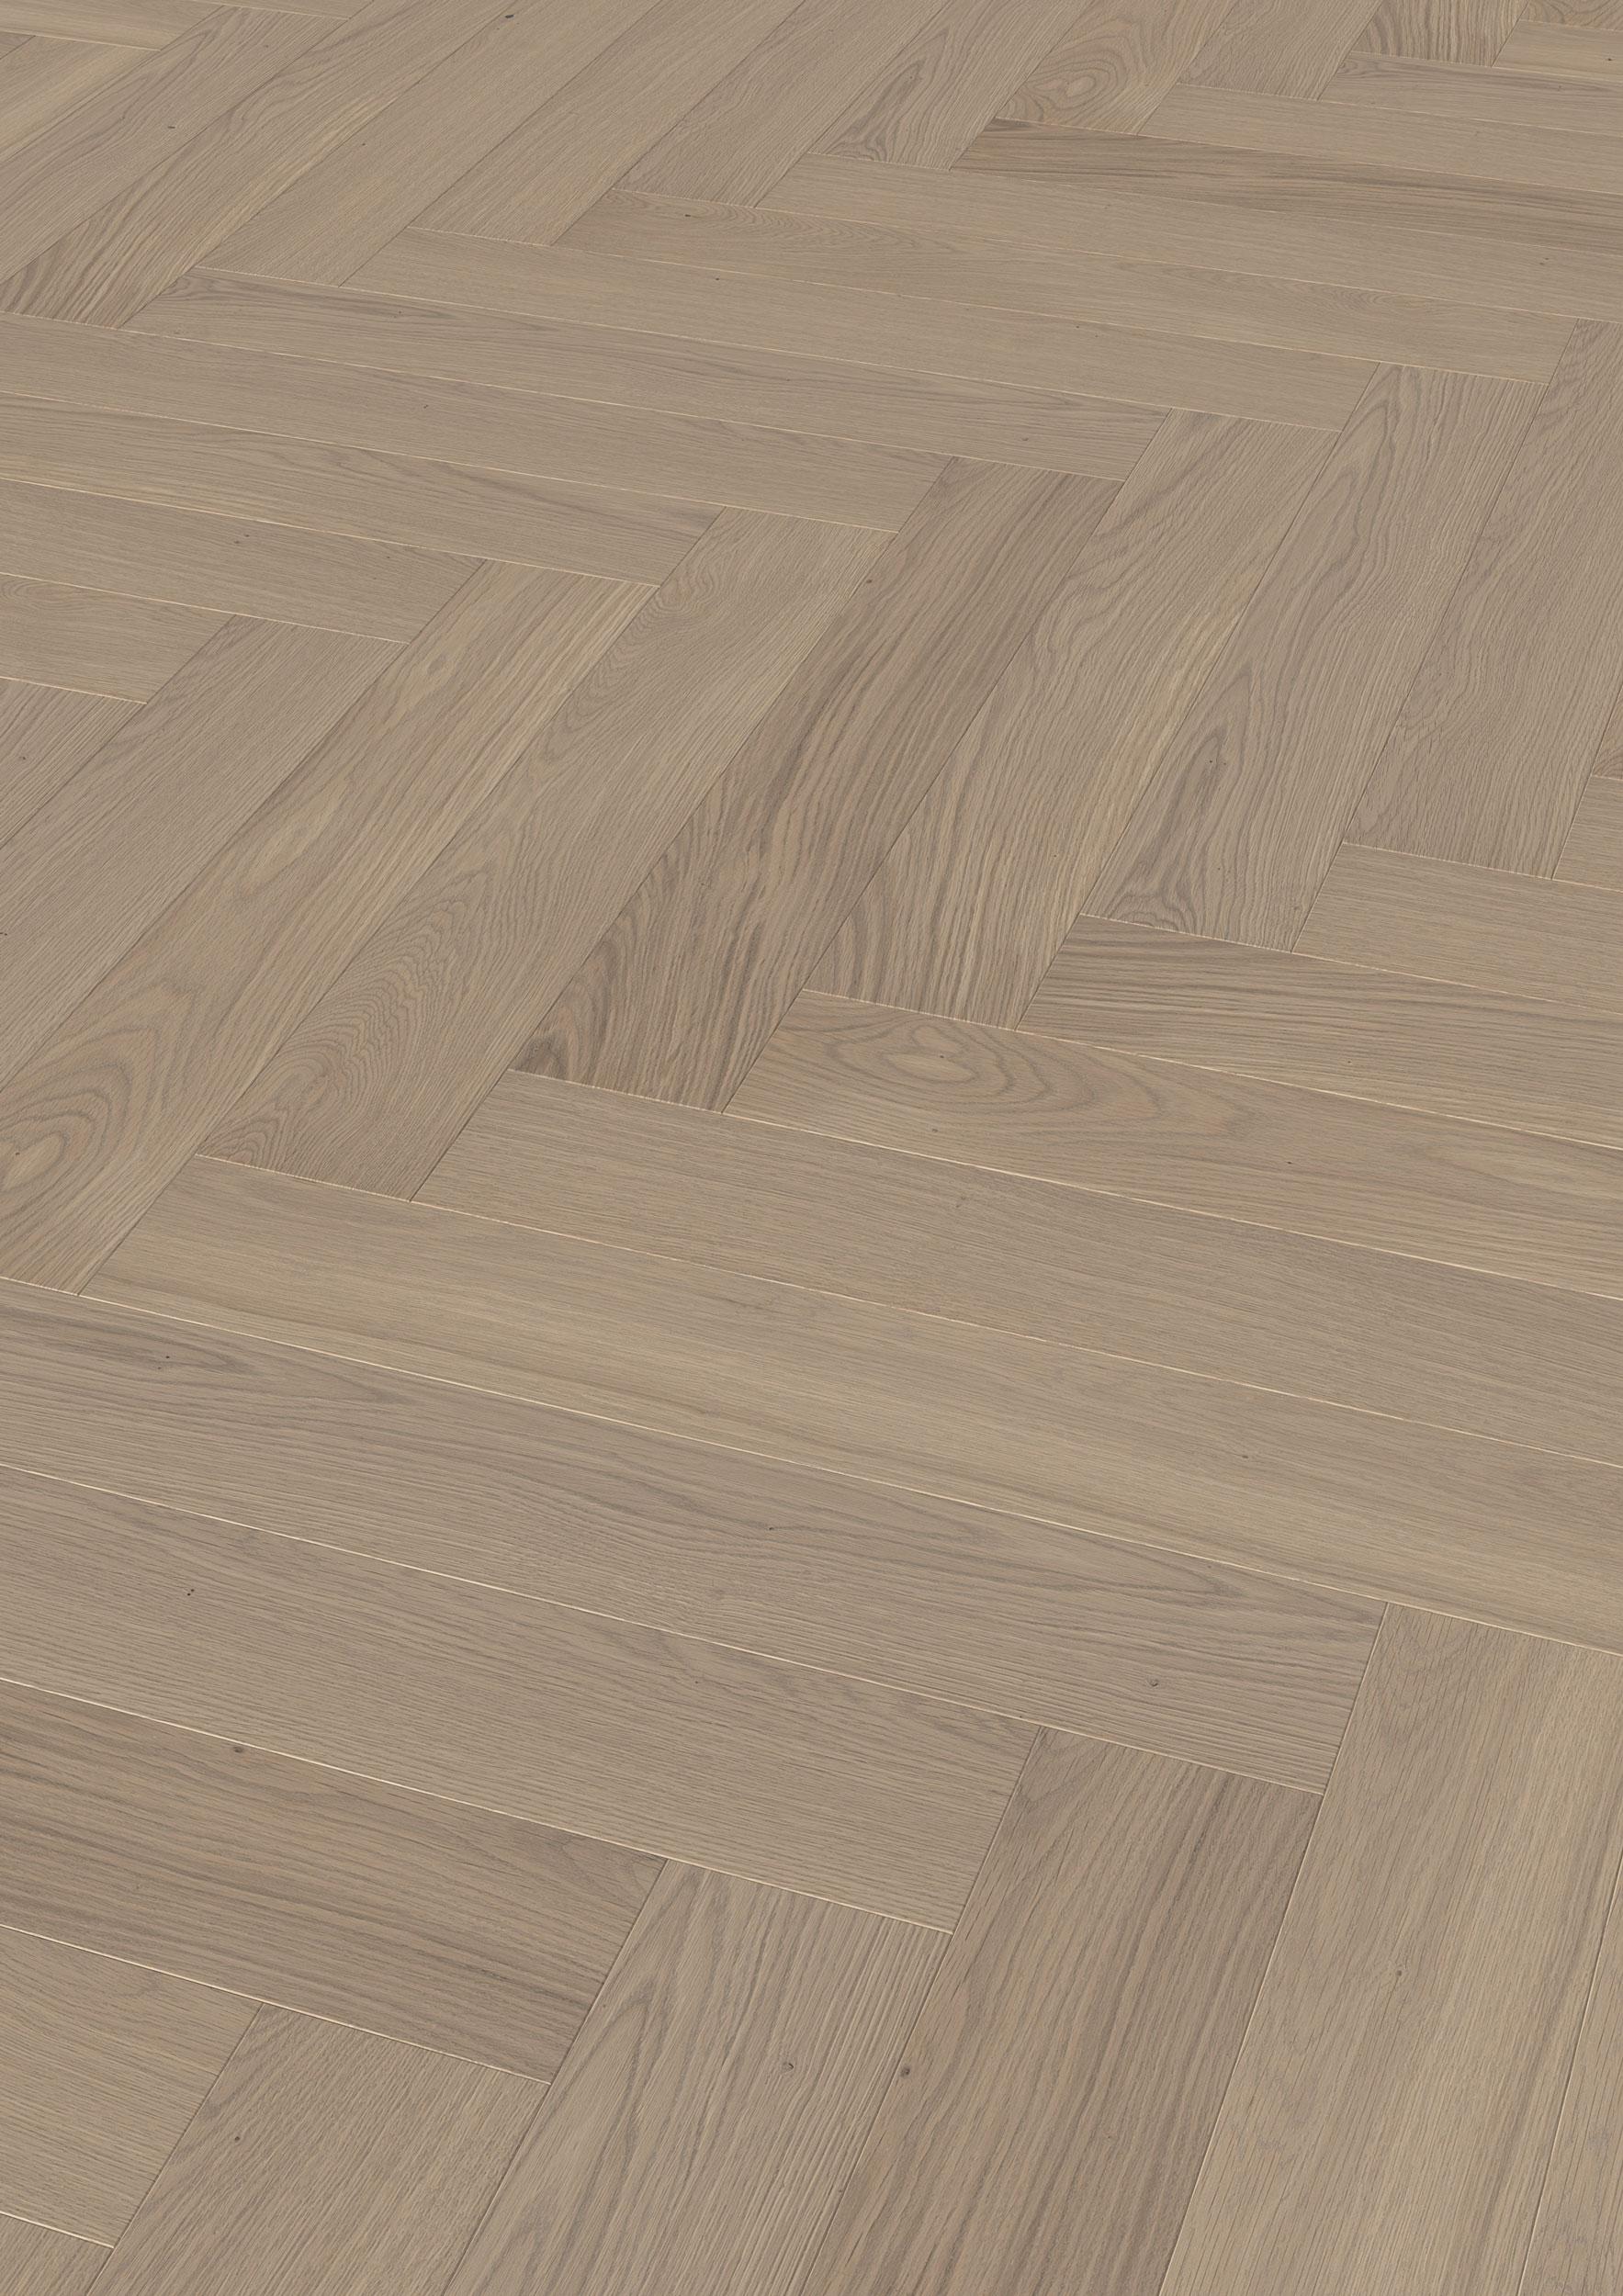 Hains minste plank har dimensjonene 780 x 120 x 11 mm og passer med det til fiskeben, engelsk -og kubemønster. Her avbildet i fargen Pearlgray oiled.